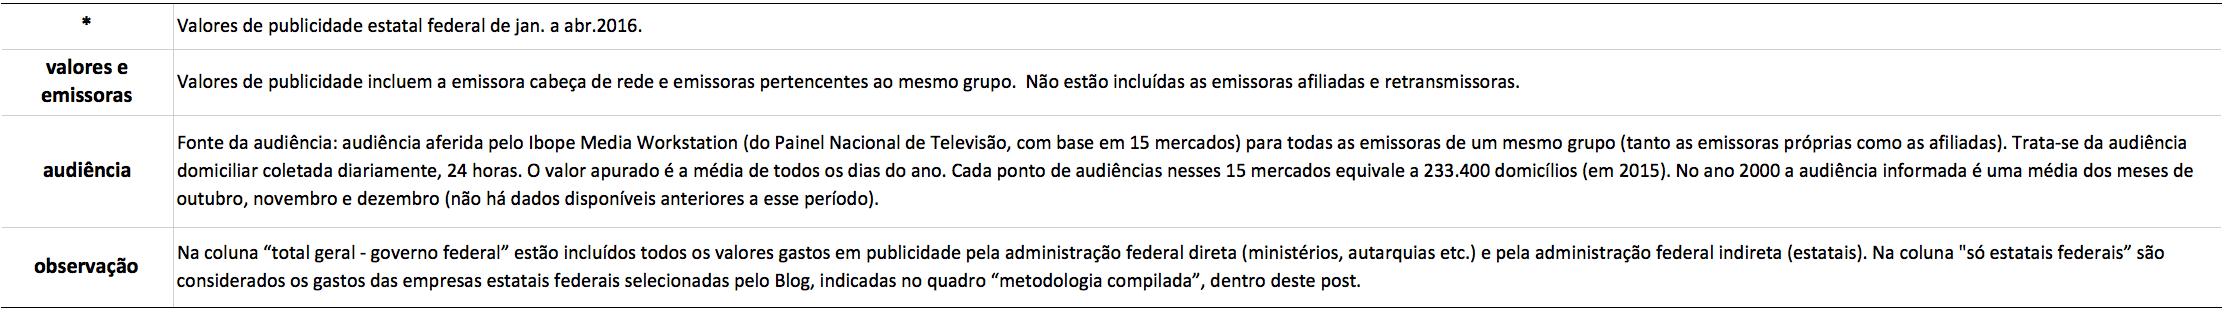 metodologia-tv-aberta